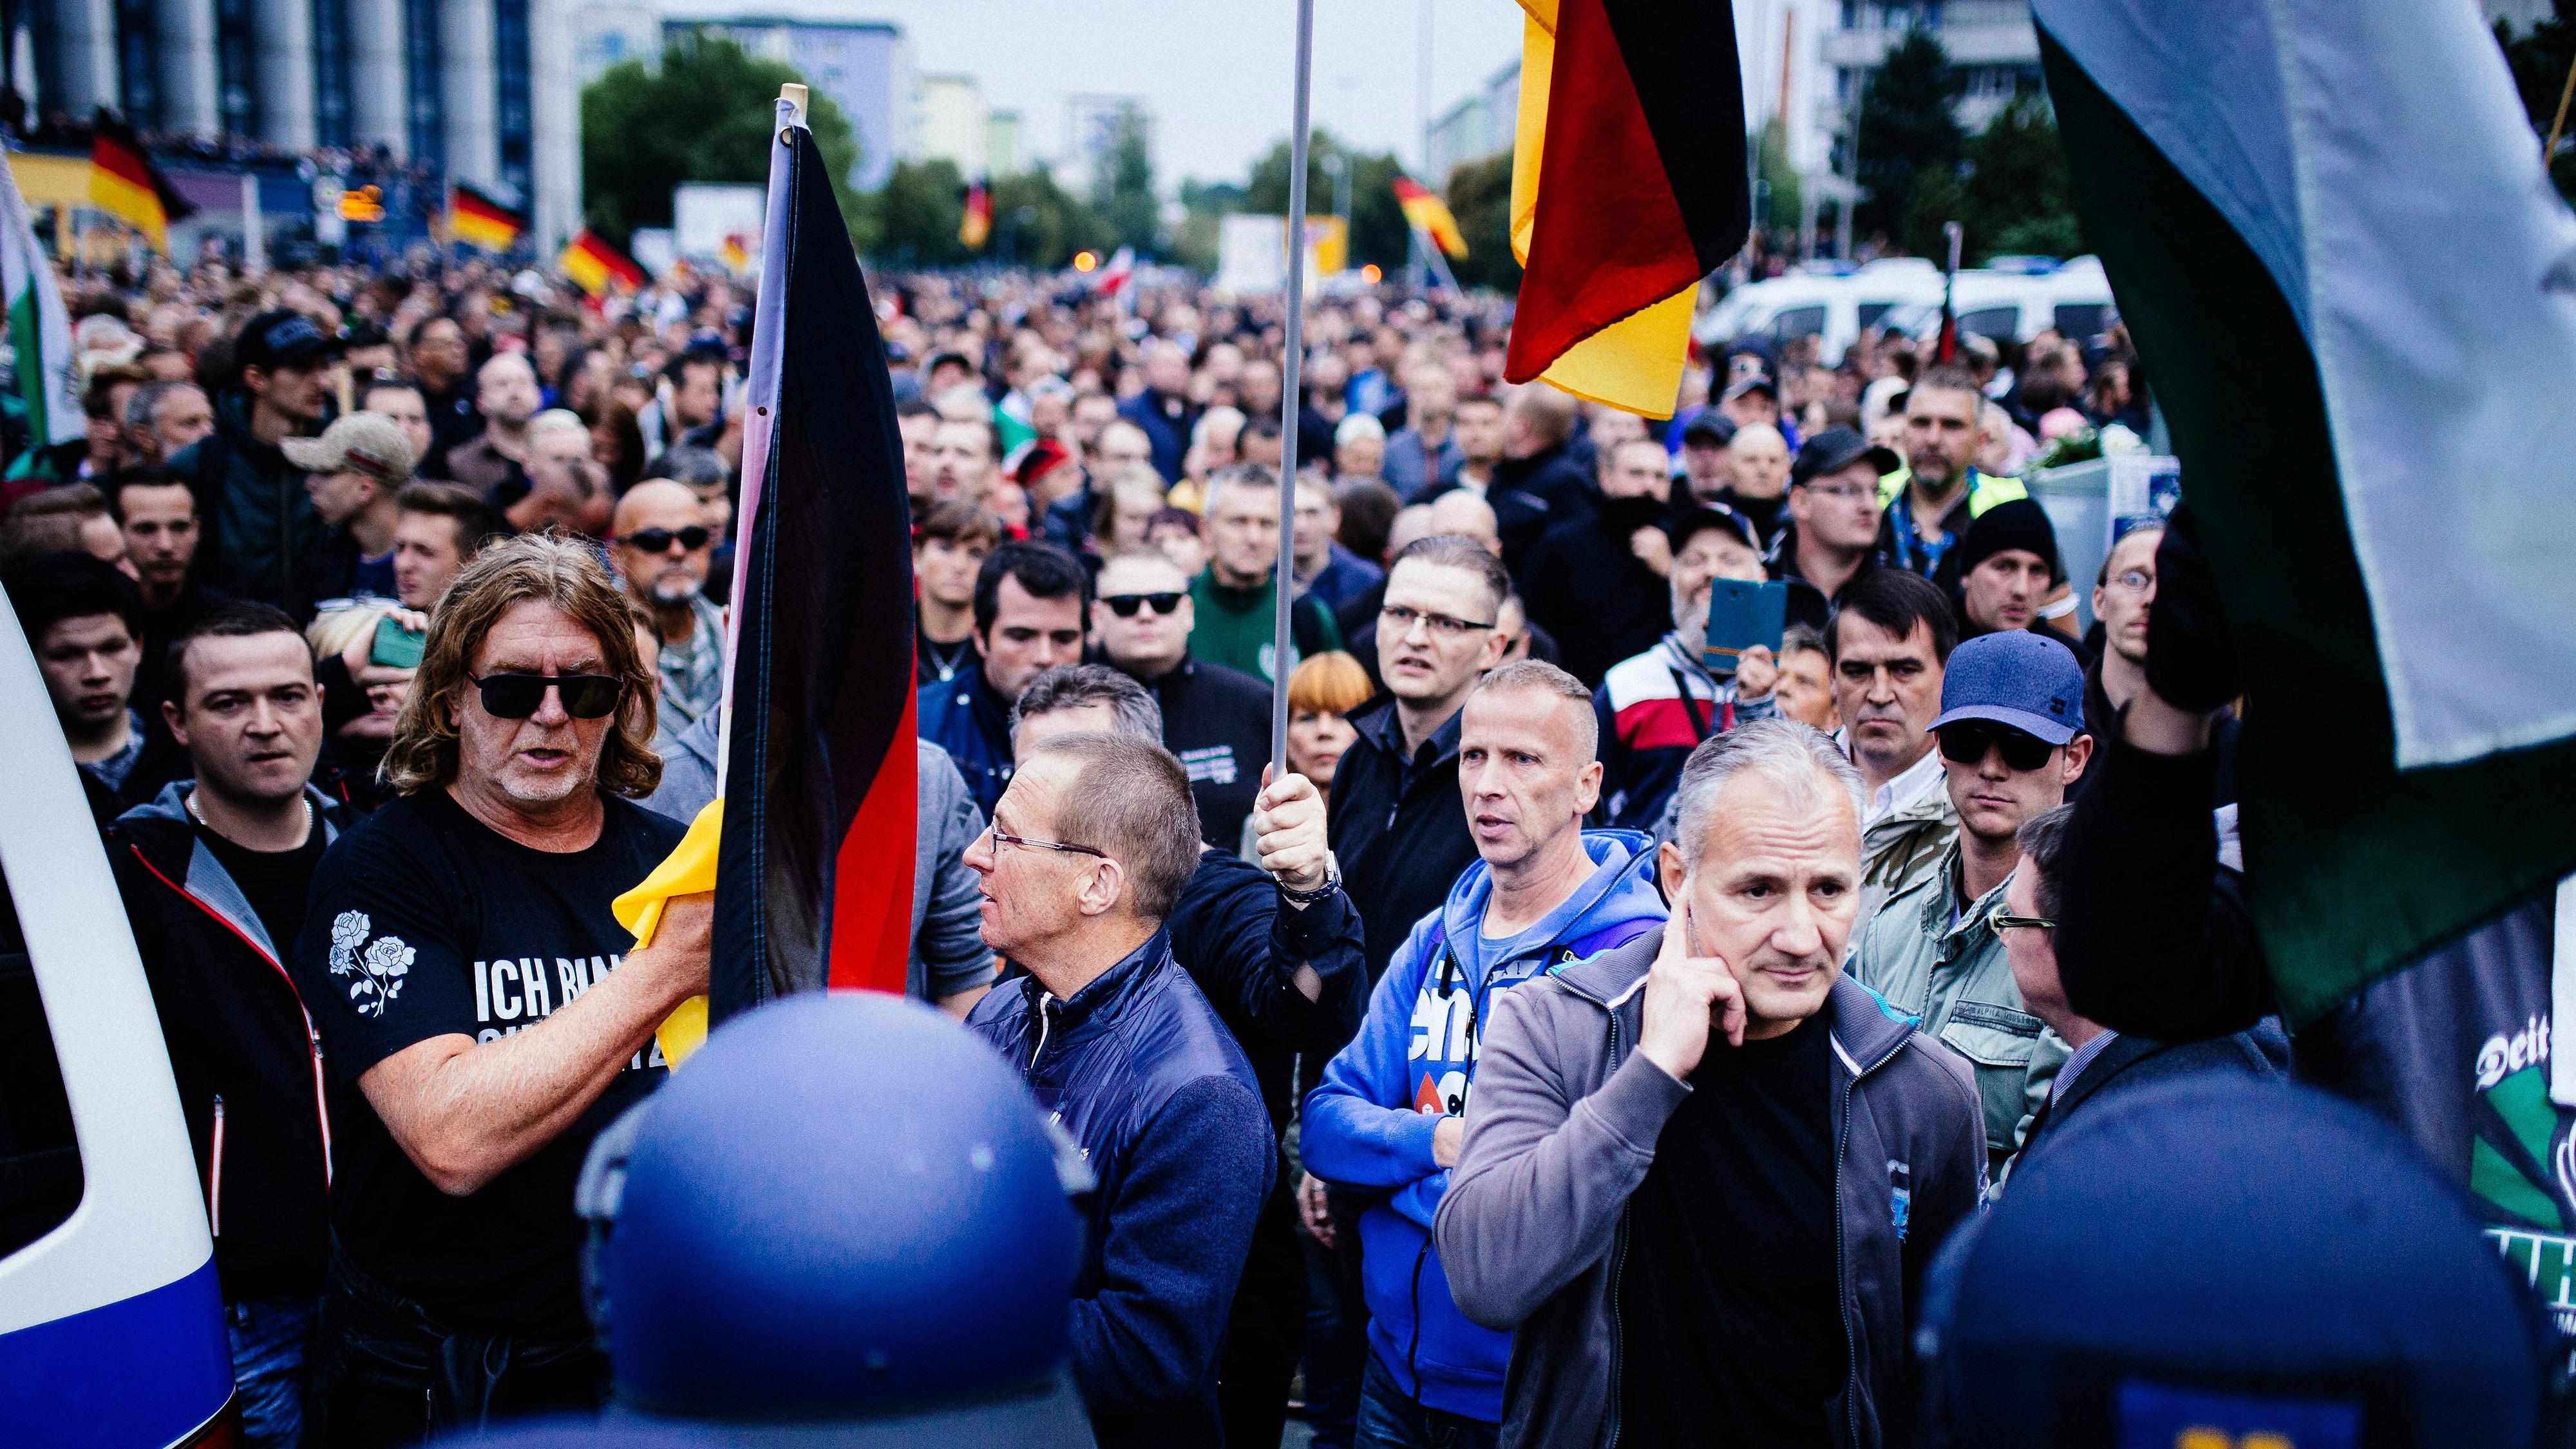 Droht Deutschland ein neues 1933?